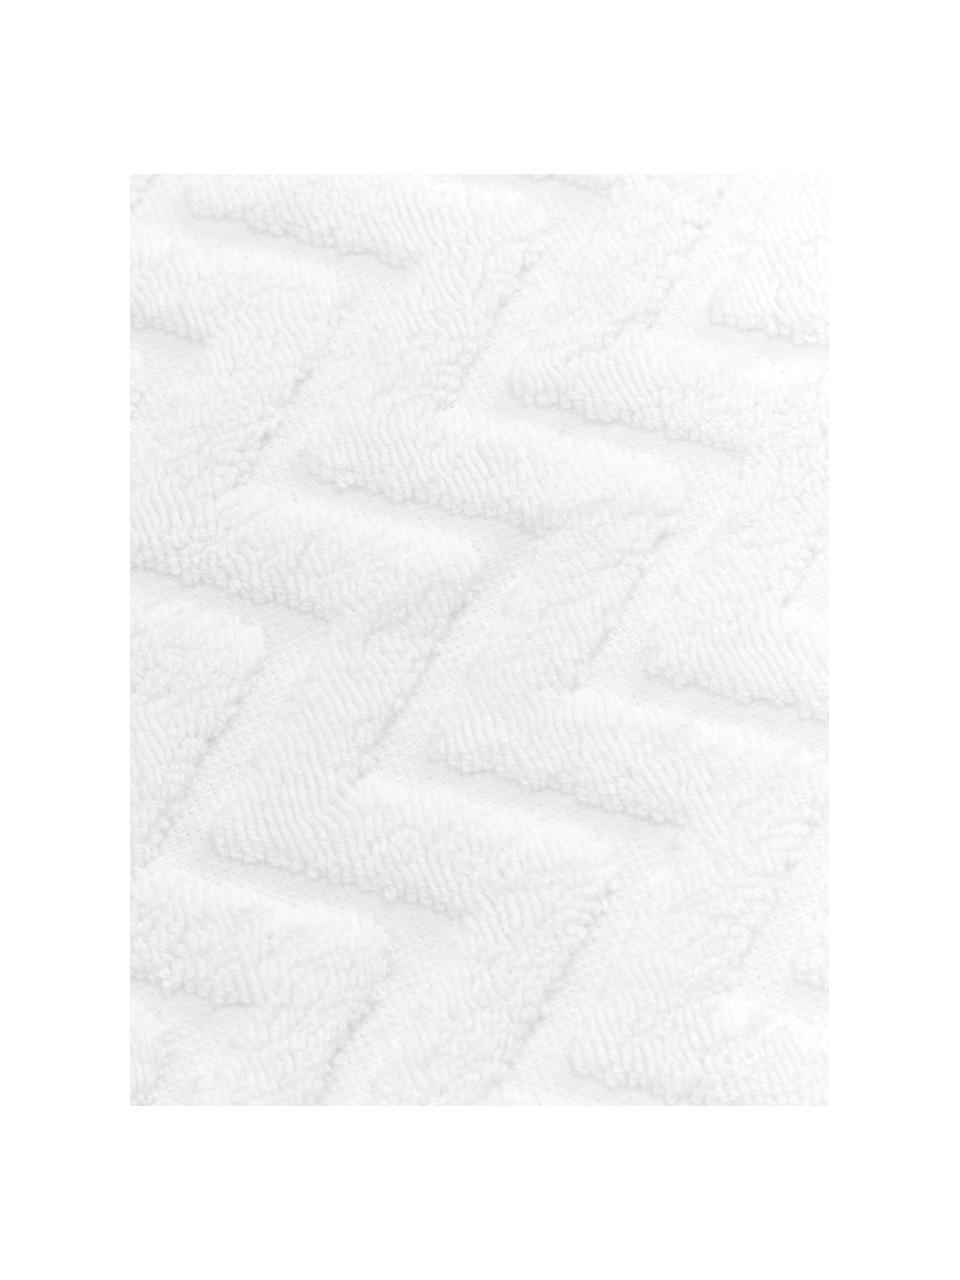 Asciugamano in cotone con motivo a rilievo Karma, 100% cotone Qualità pesante, 600 g/m², Bianco, nero, Asciugamano per ospiti